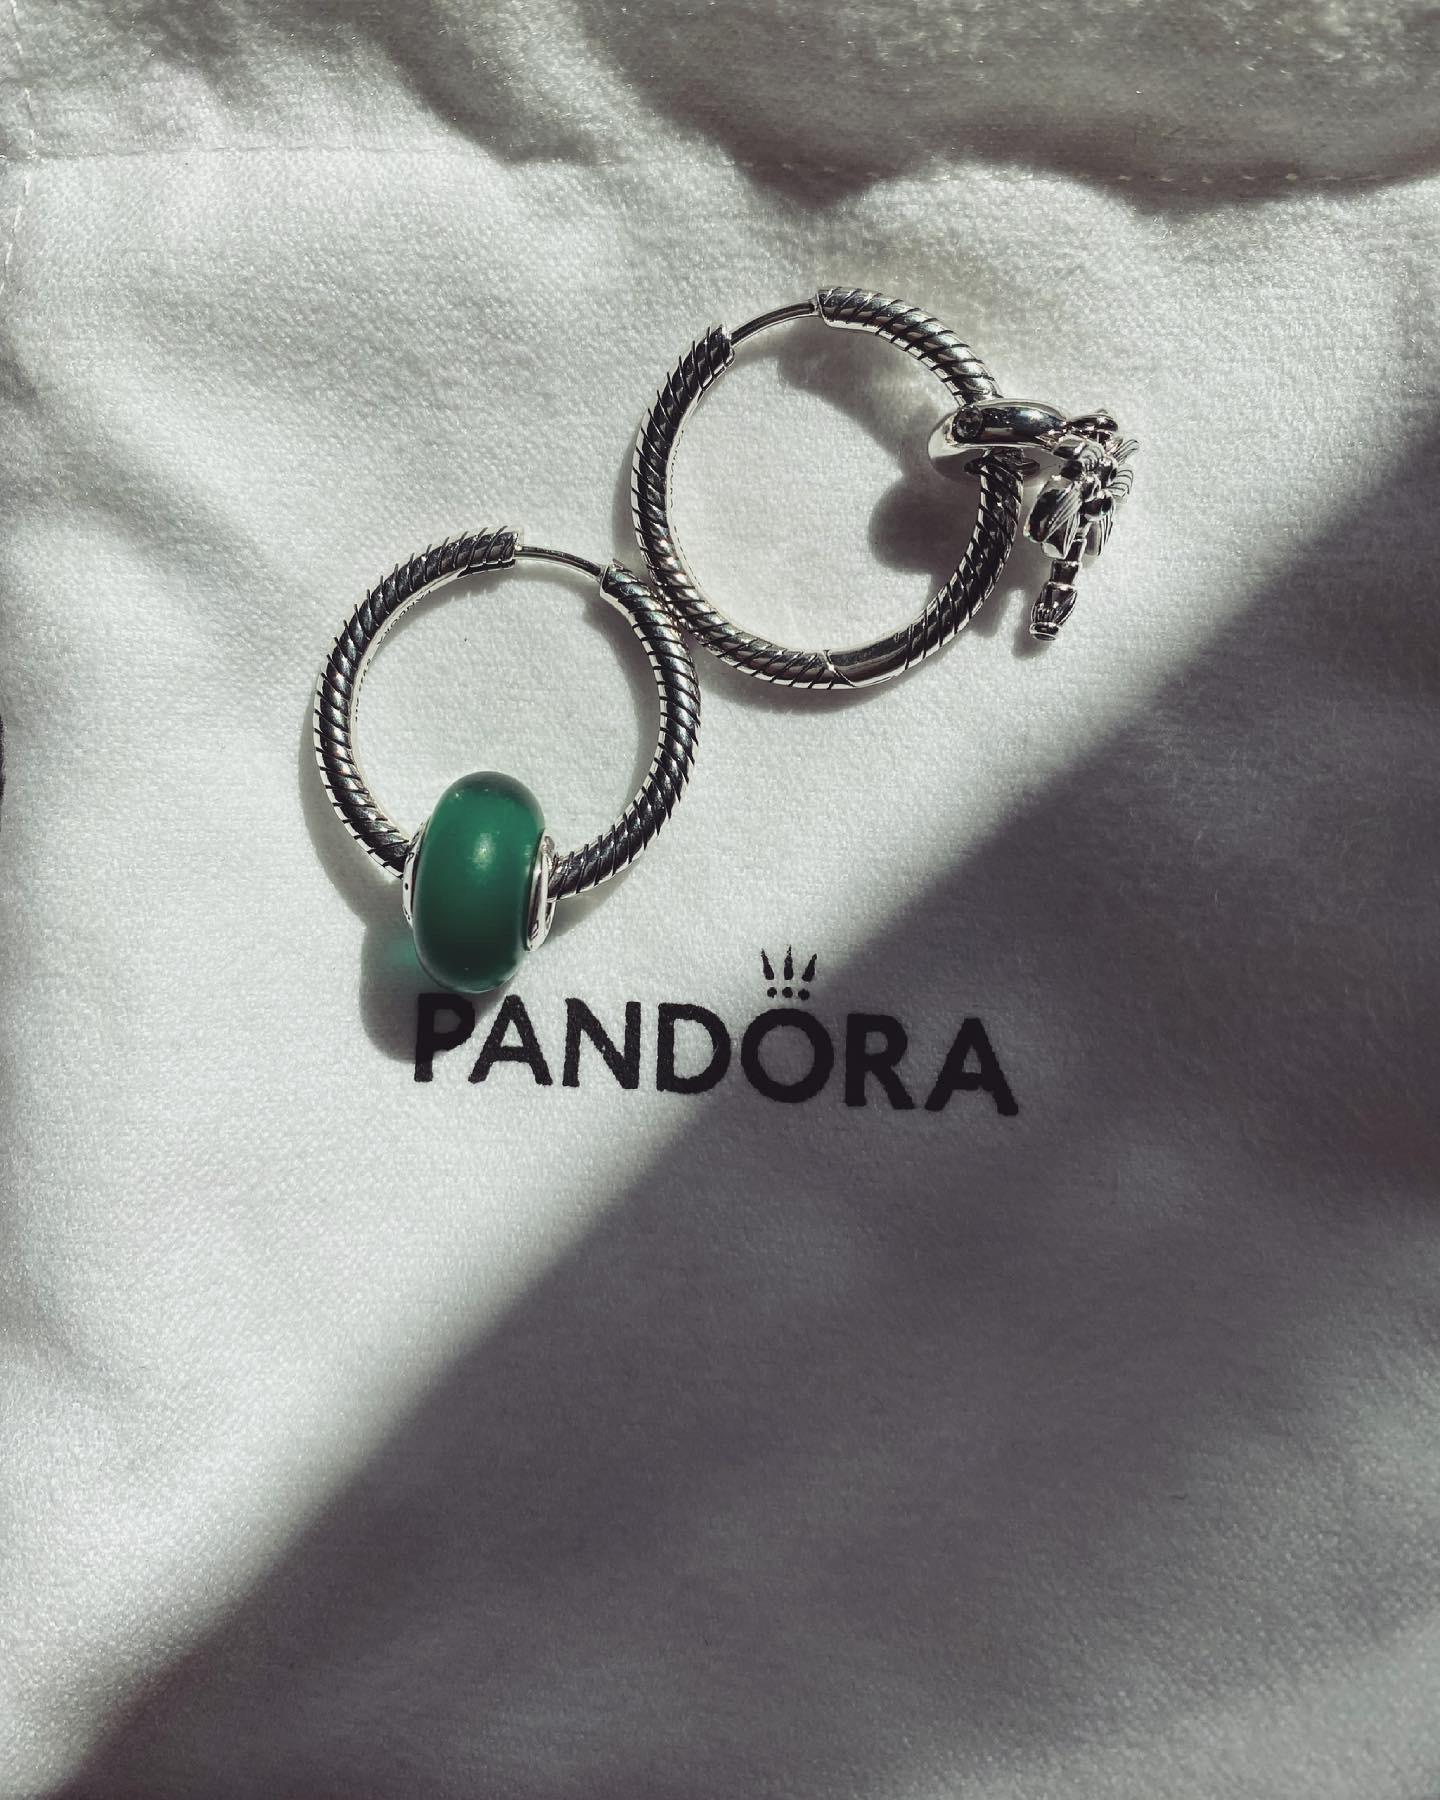 Pandora Moments Charm Hoop Earring